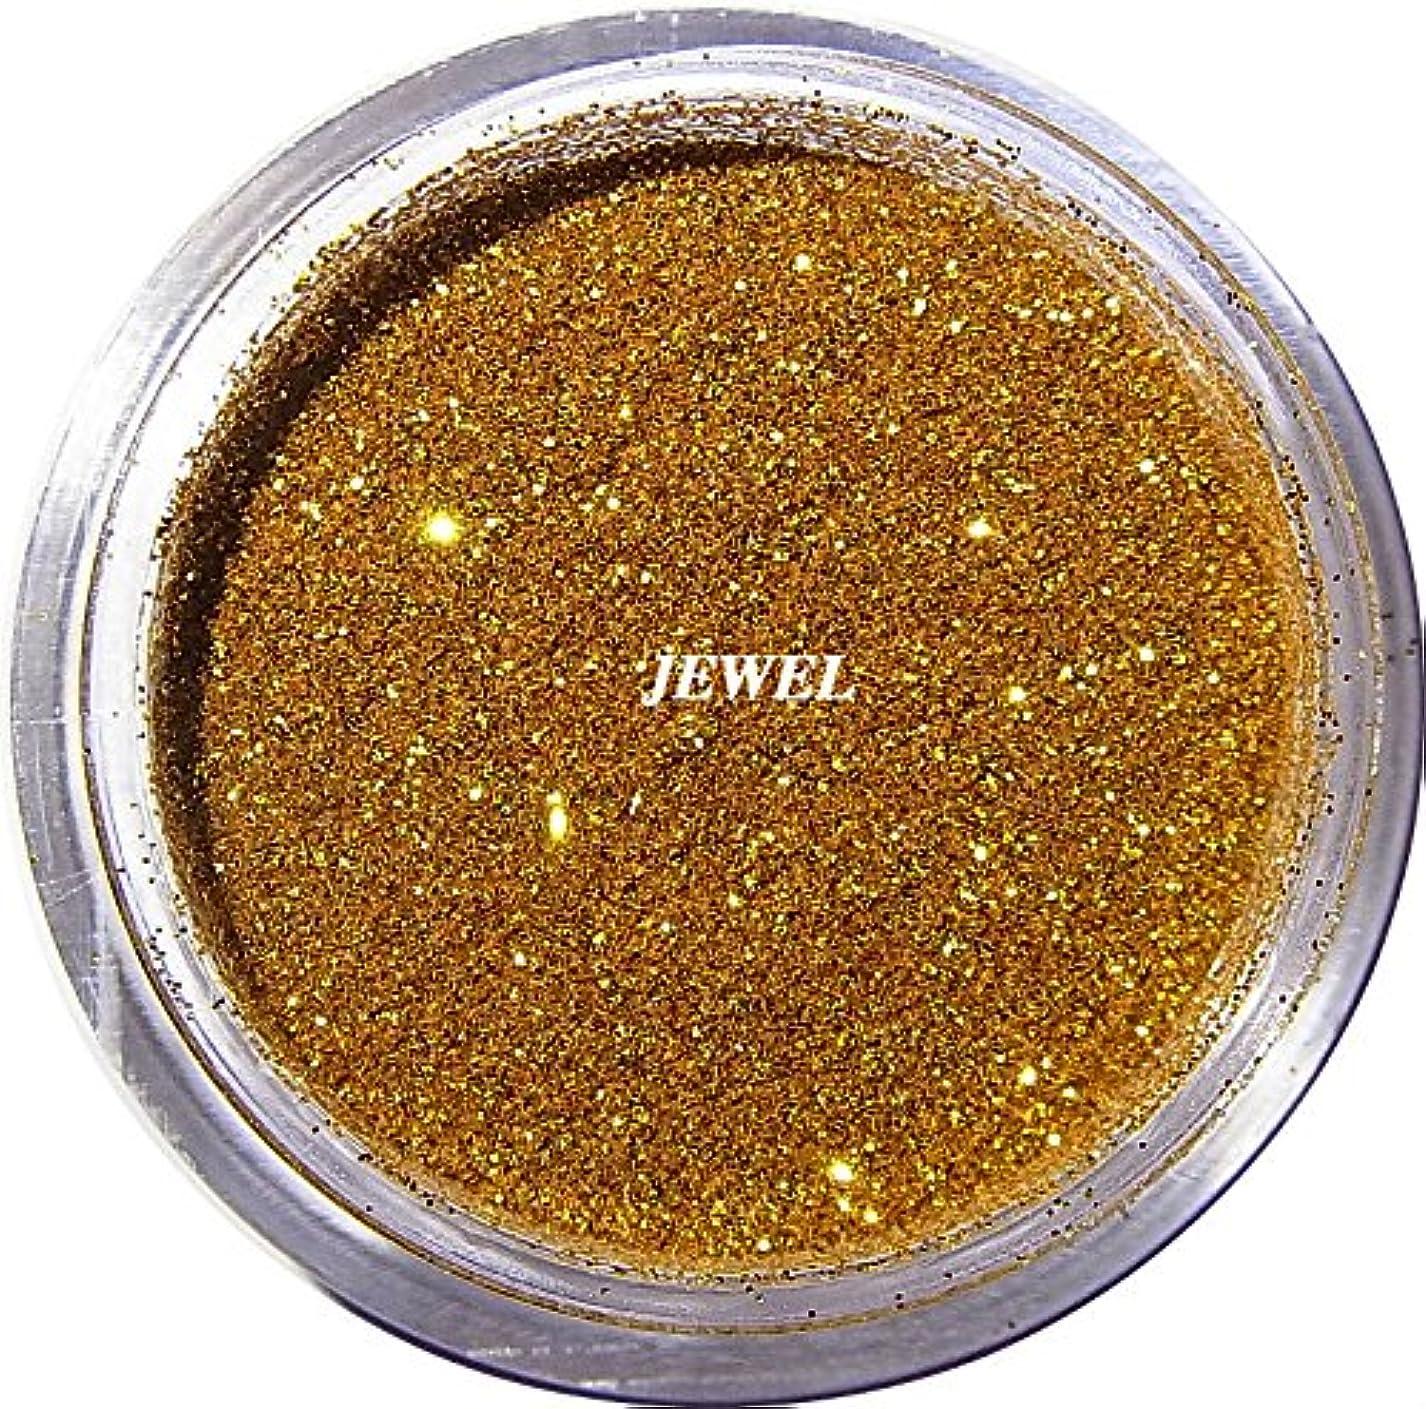 契約したからに変化する戦艦【jewel】 超微粒子ラメパウダー(金/ゴールド) 256/1サイズ 2g入り レジン&ネイル用 グリッター